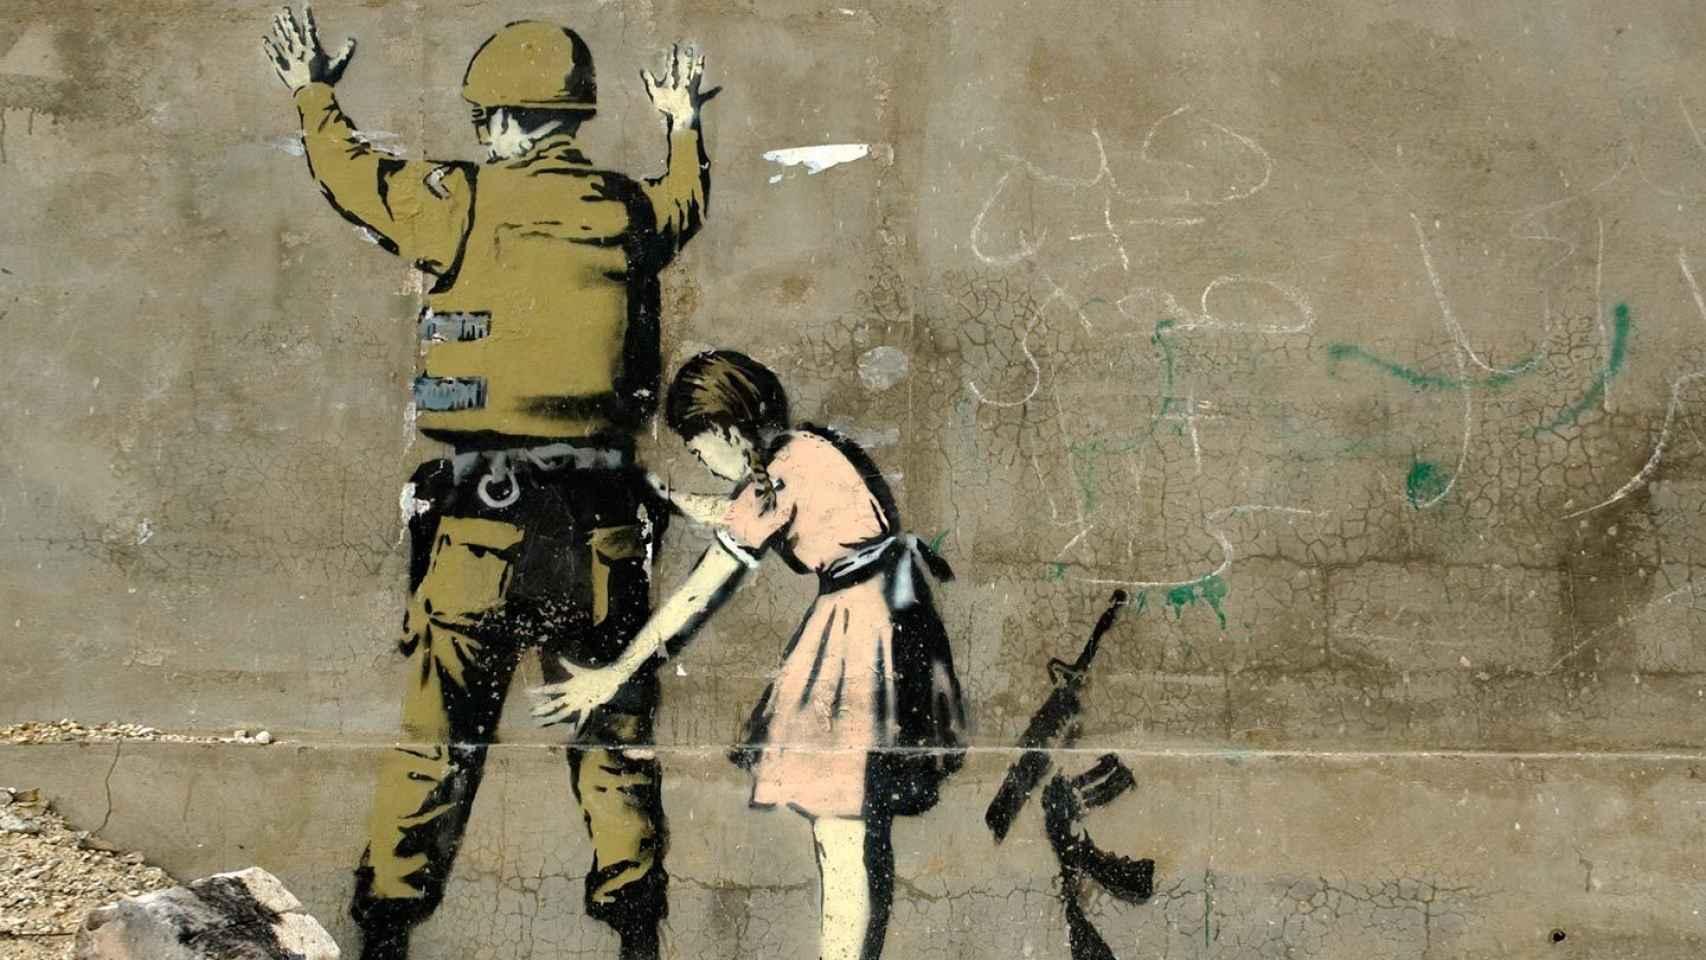 Una niña cachea a un soldado, otra de las obras del grafitero Banksy